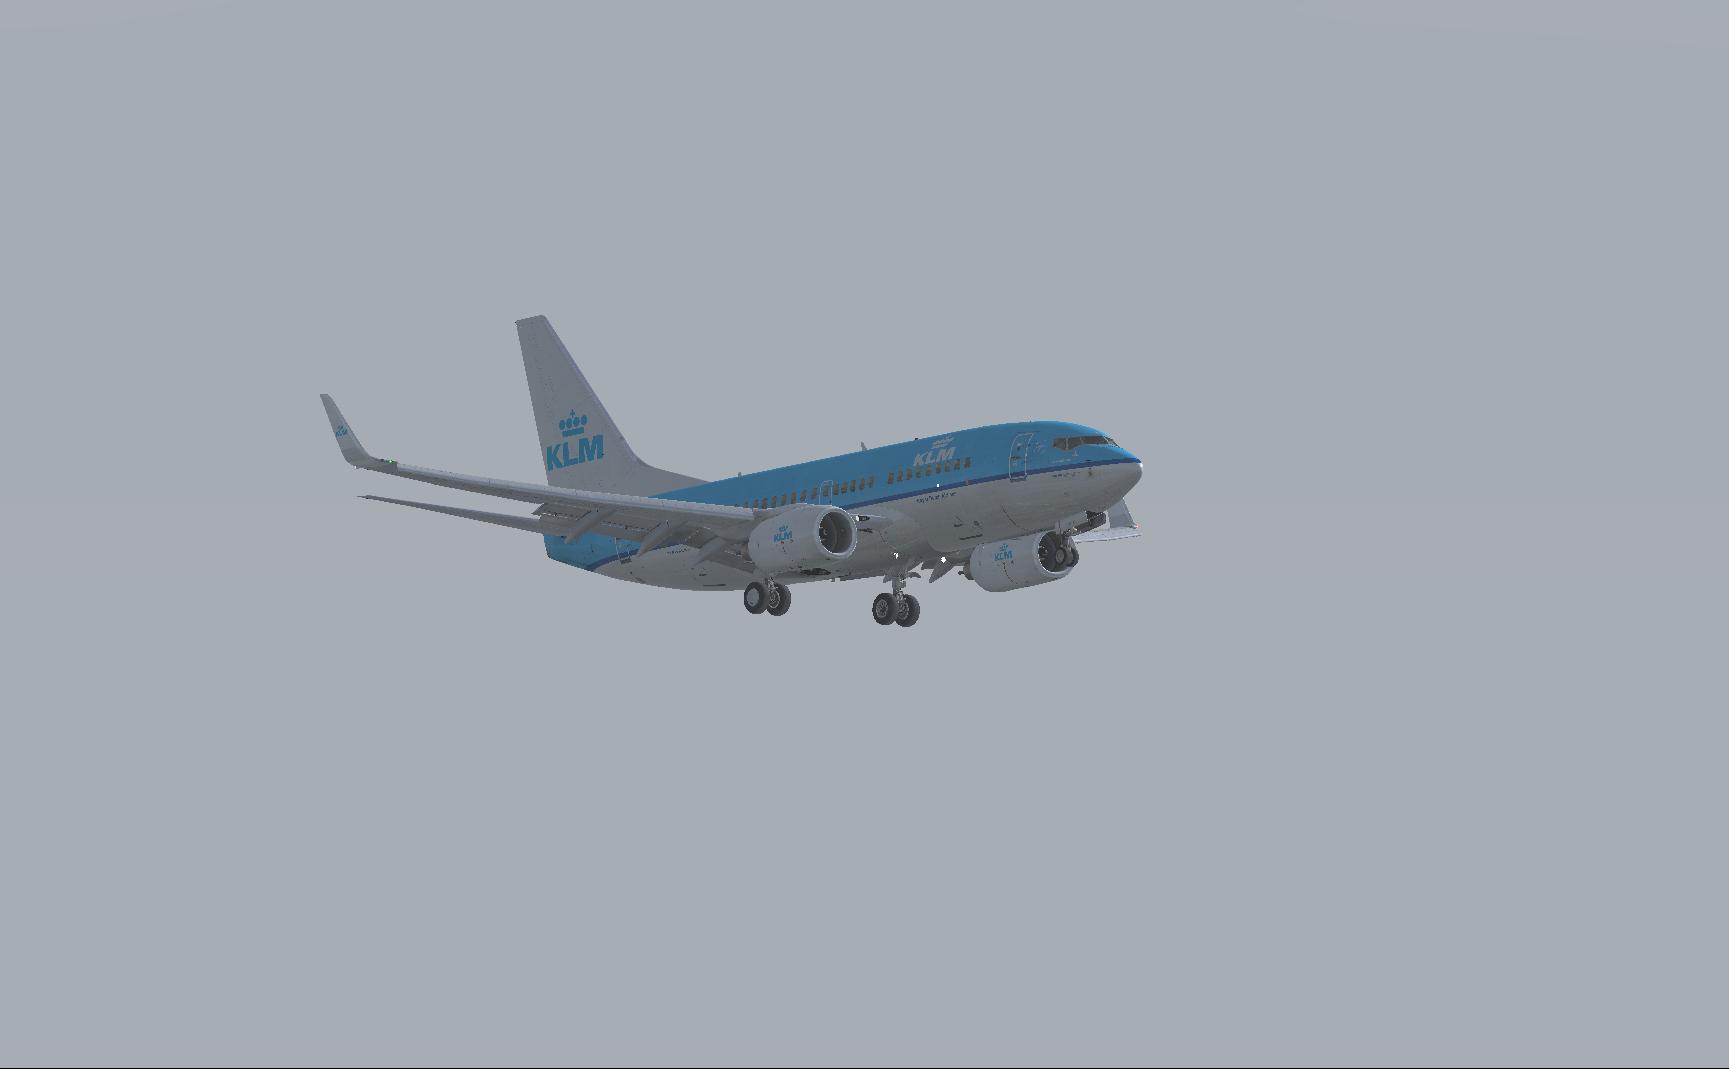 Final approach @AMS